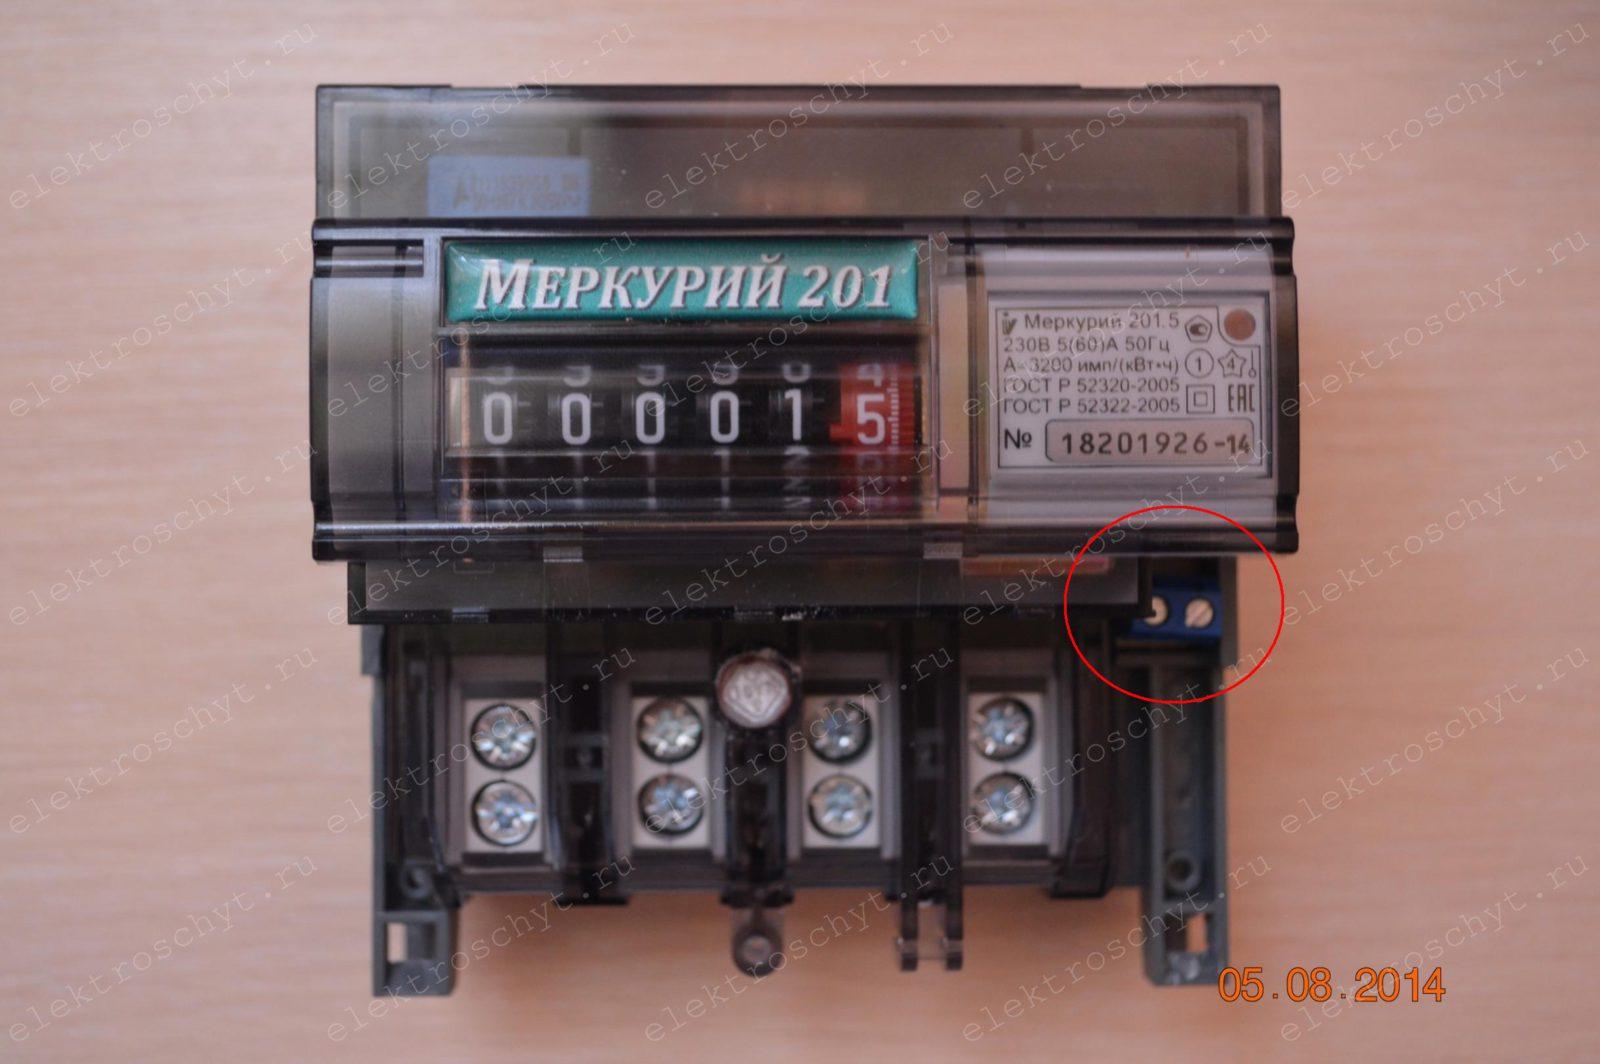 Как подключить электросчетчик меркурий 201.5